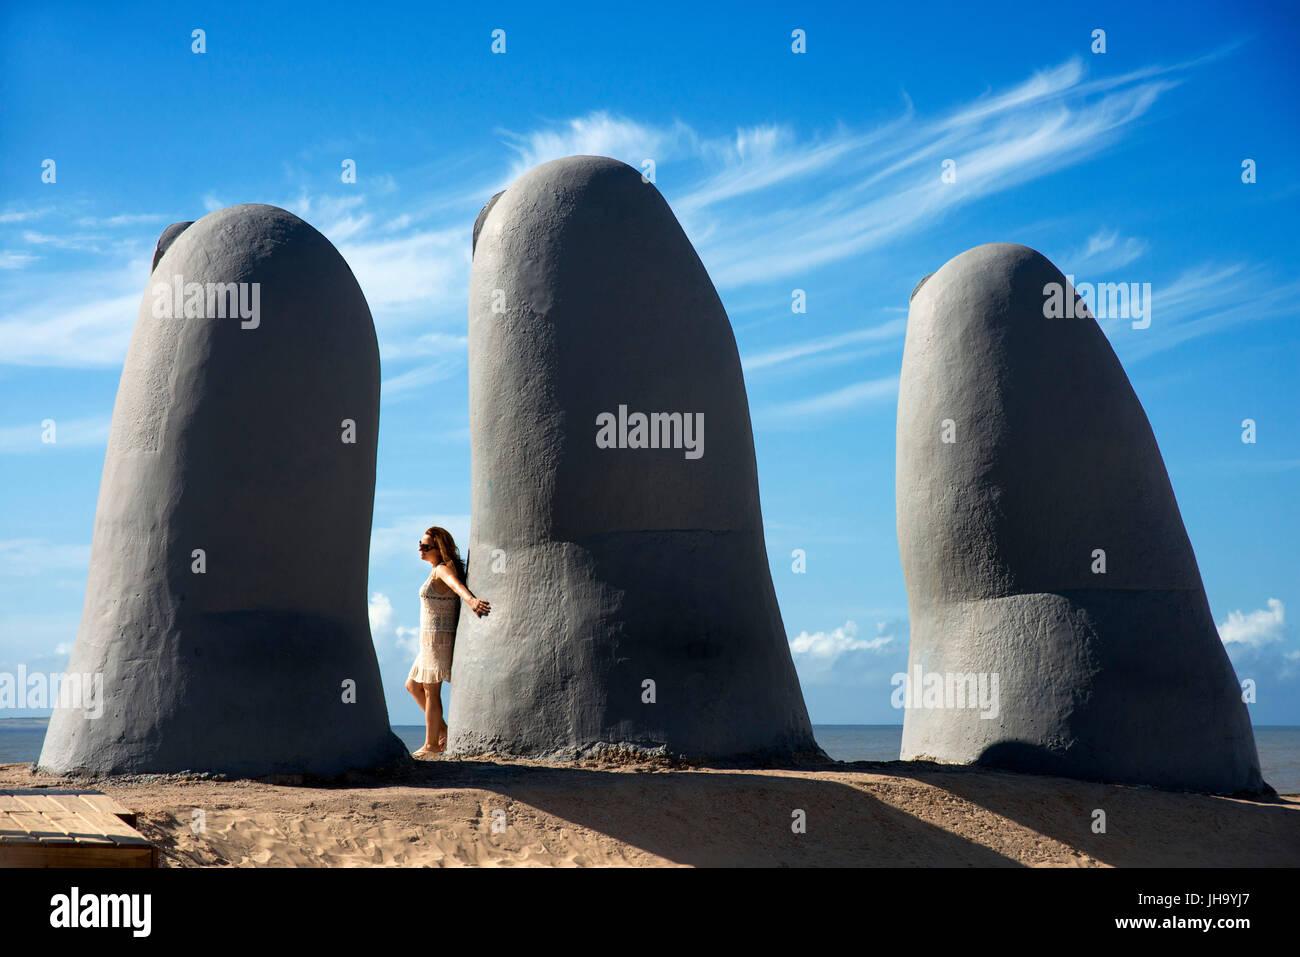 La scultura a mano di Punta del Este, o mano de Punta del Este a Parada 4 sulle sabbie della spiaggia di Brava, Immagini Stock